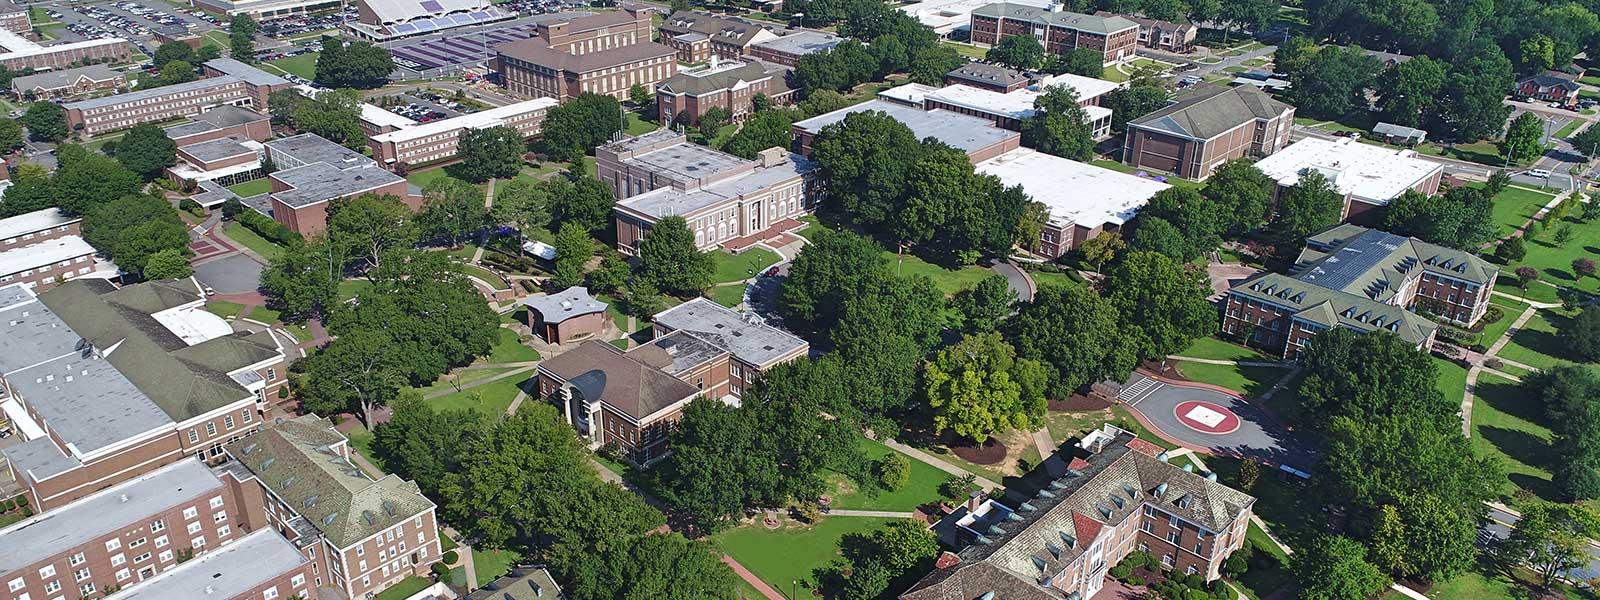 campus-aerial-2017